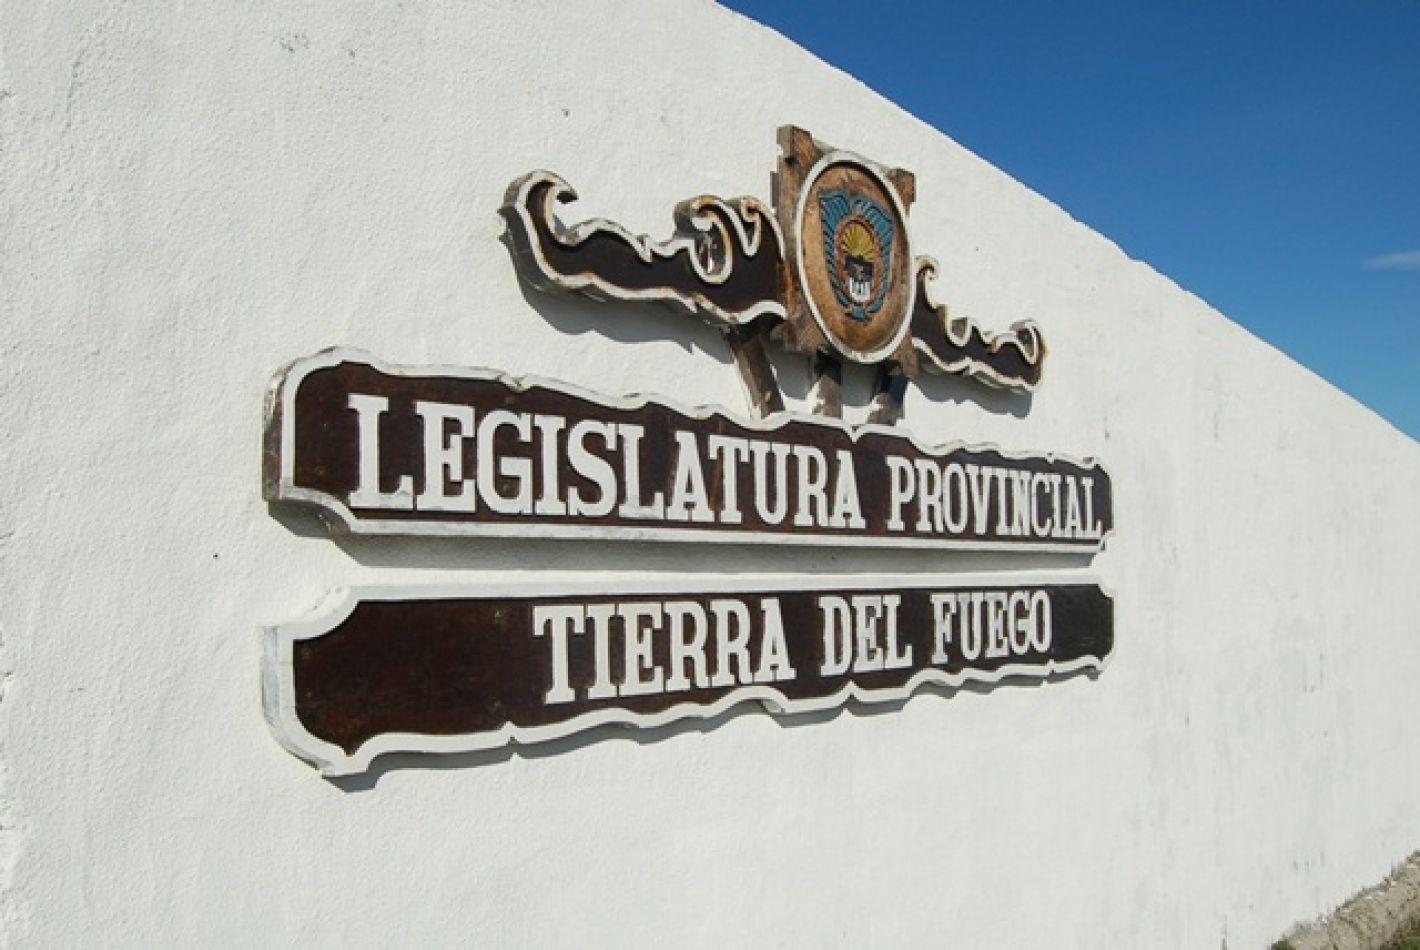 30 scouts de Ushuaia harán su campamento anual en Córdoba